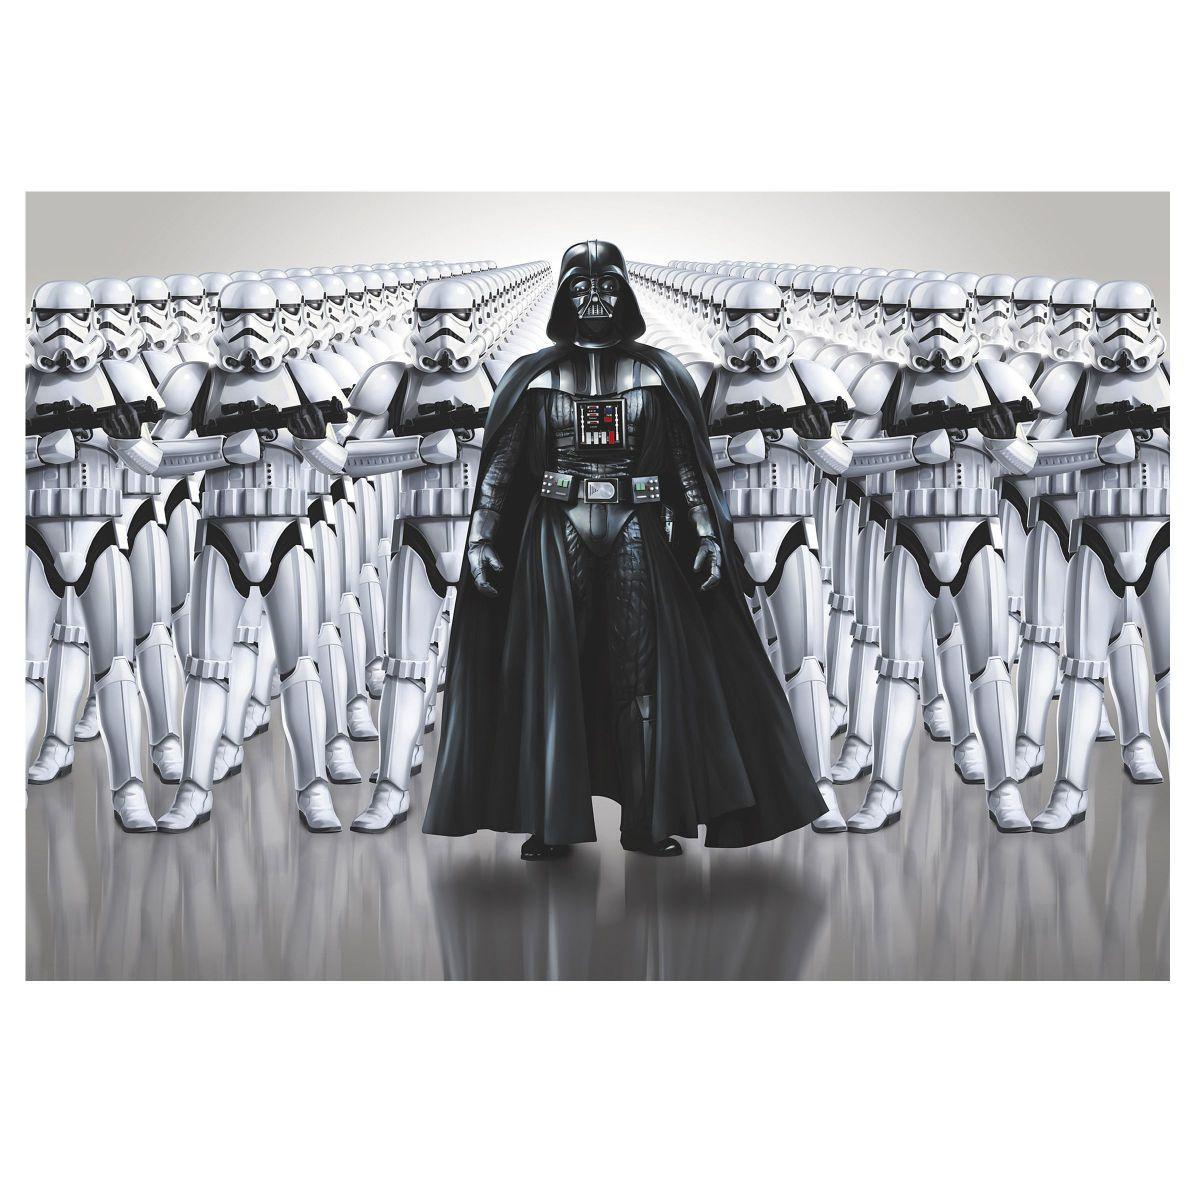 fototapete star wars imperial force inkl kleister. Black Bedroom Furniture Sets. Home Design Ideas